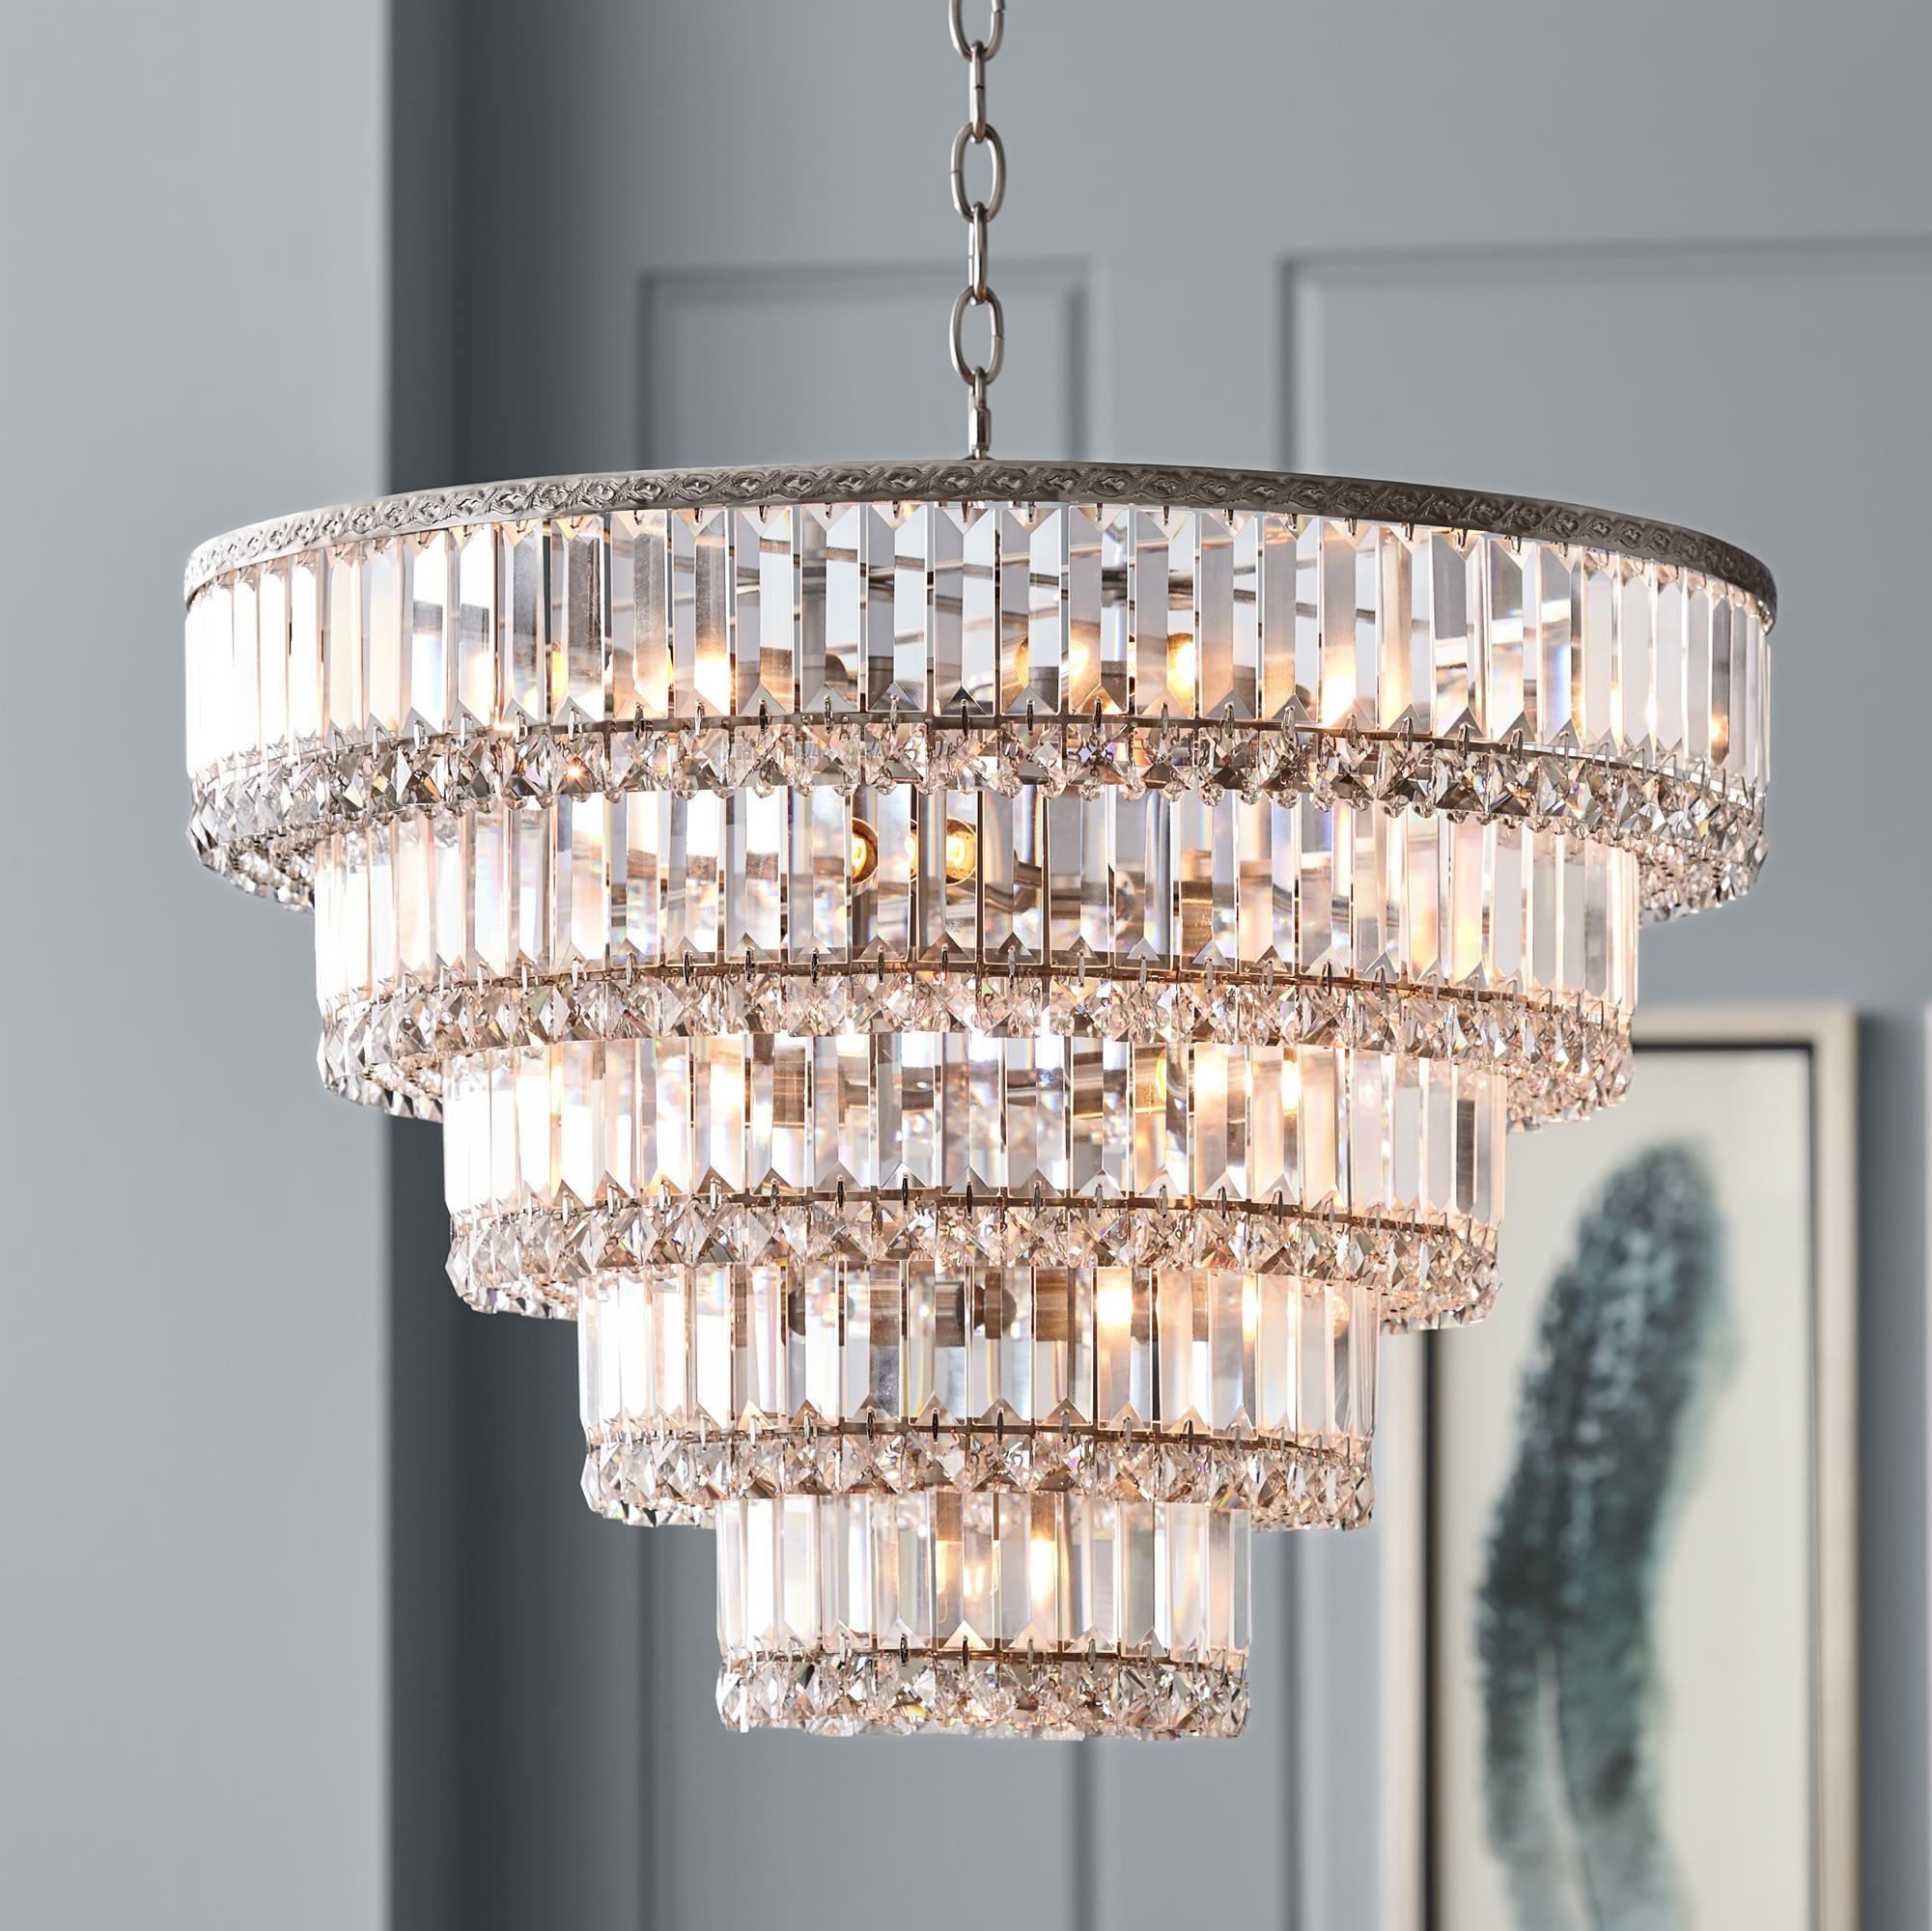 12 Light Round Clear Glass Fringe Crystal Prism Chandelier